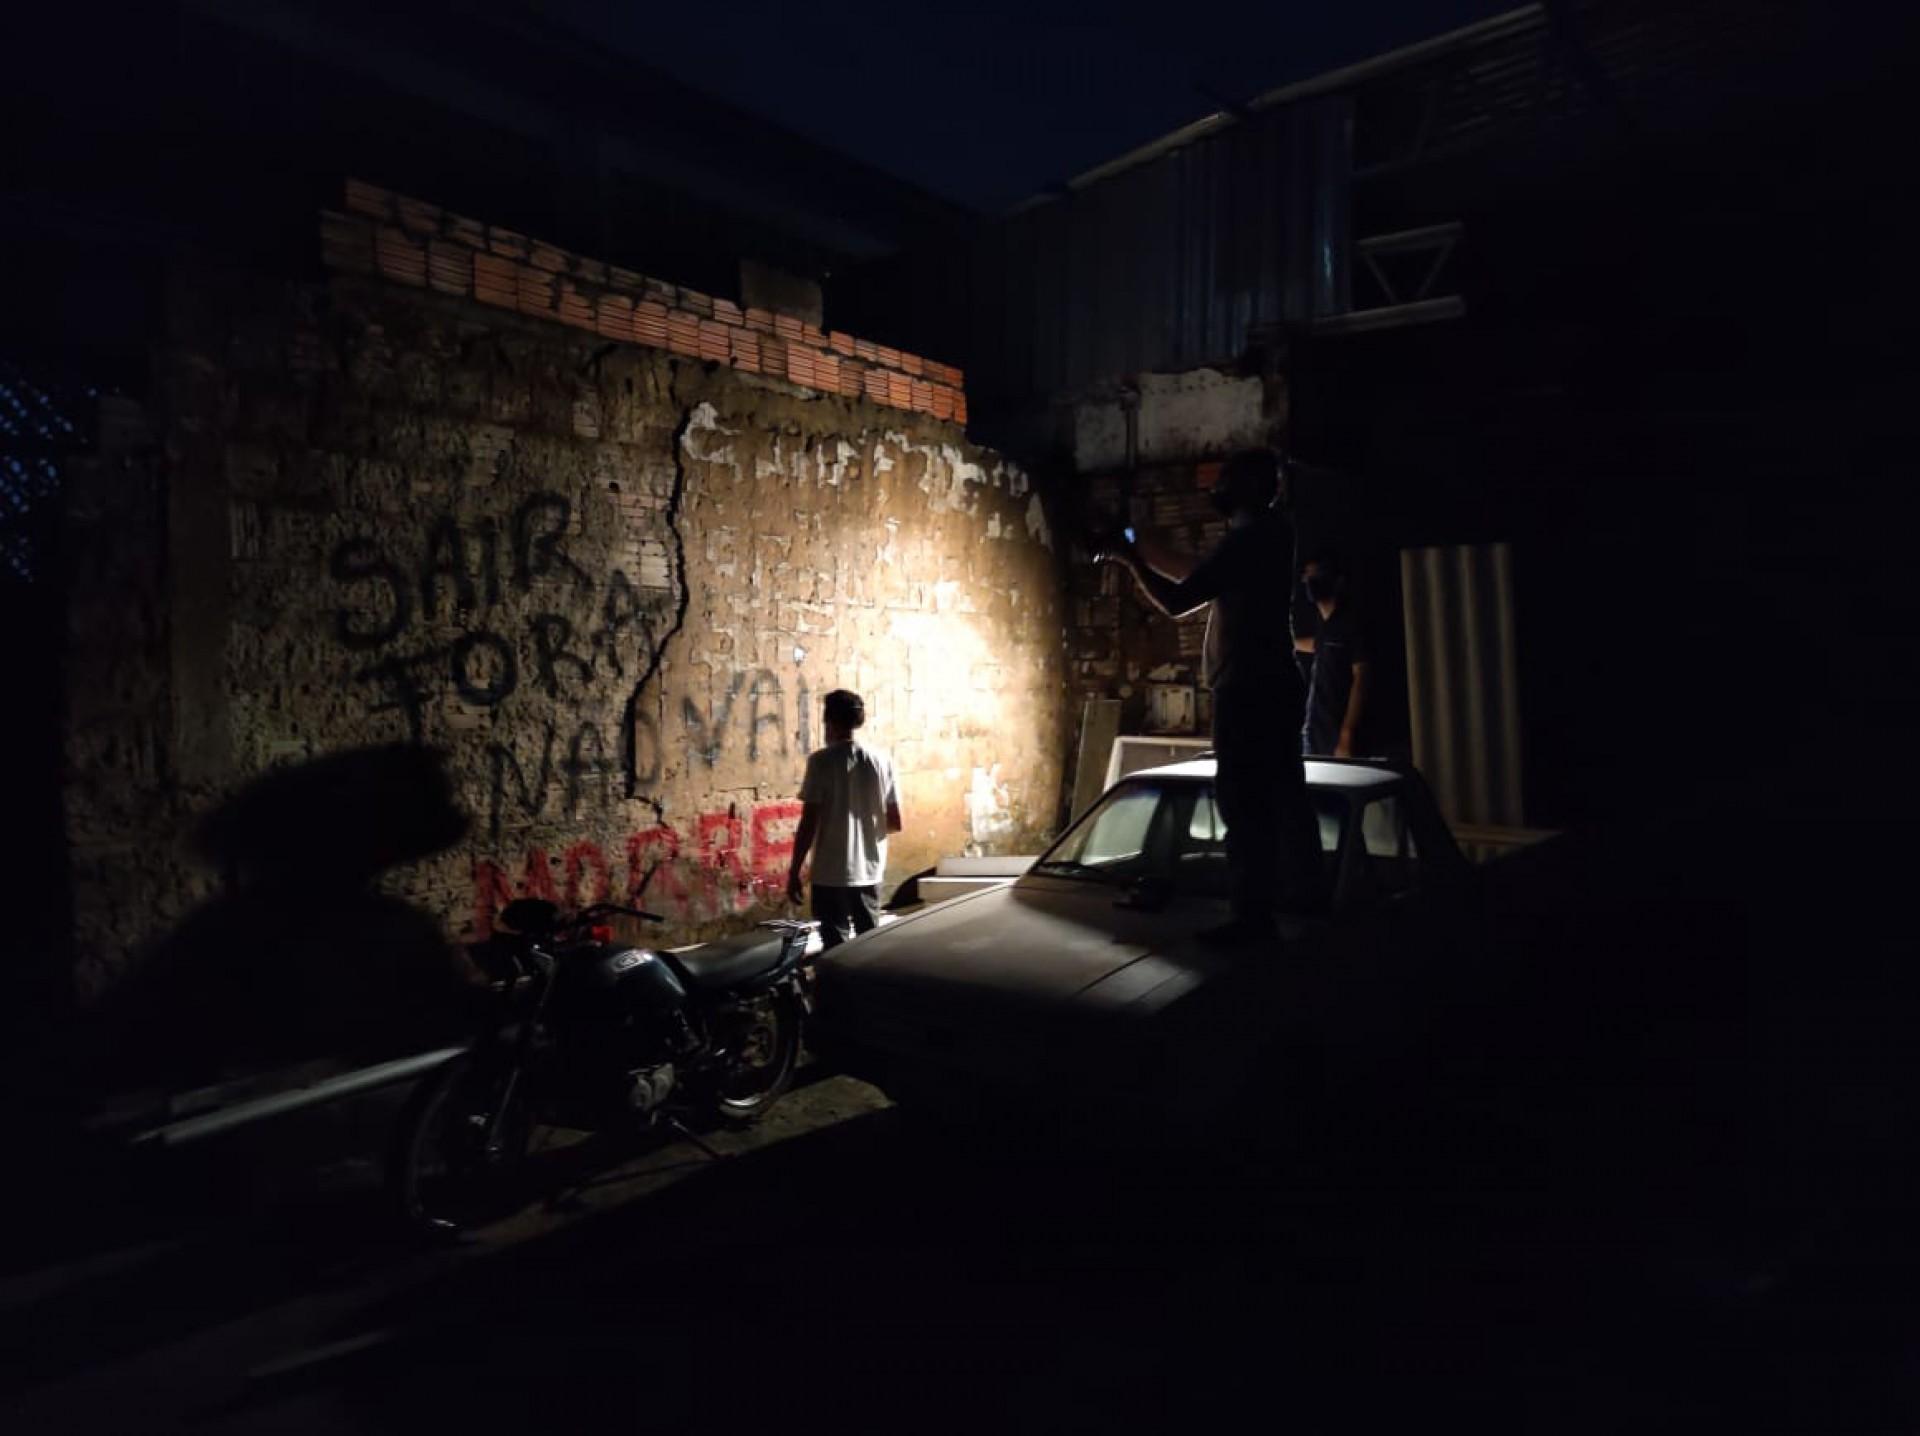 (Foto: CINTHIA MEDEIROS)Preparativos do cenário para a filmagem de estúdio da série Guerra Sem Fim, documentário do O POVO Mais que narra o cotidiano dos territótios disputados pelas facções criminosas no Ceará